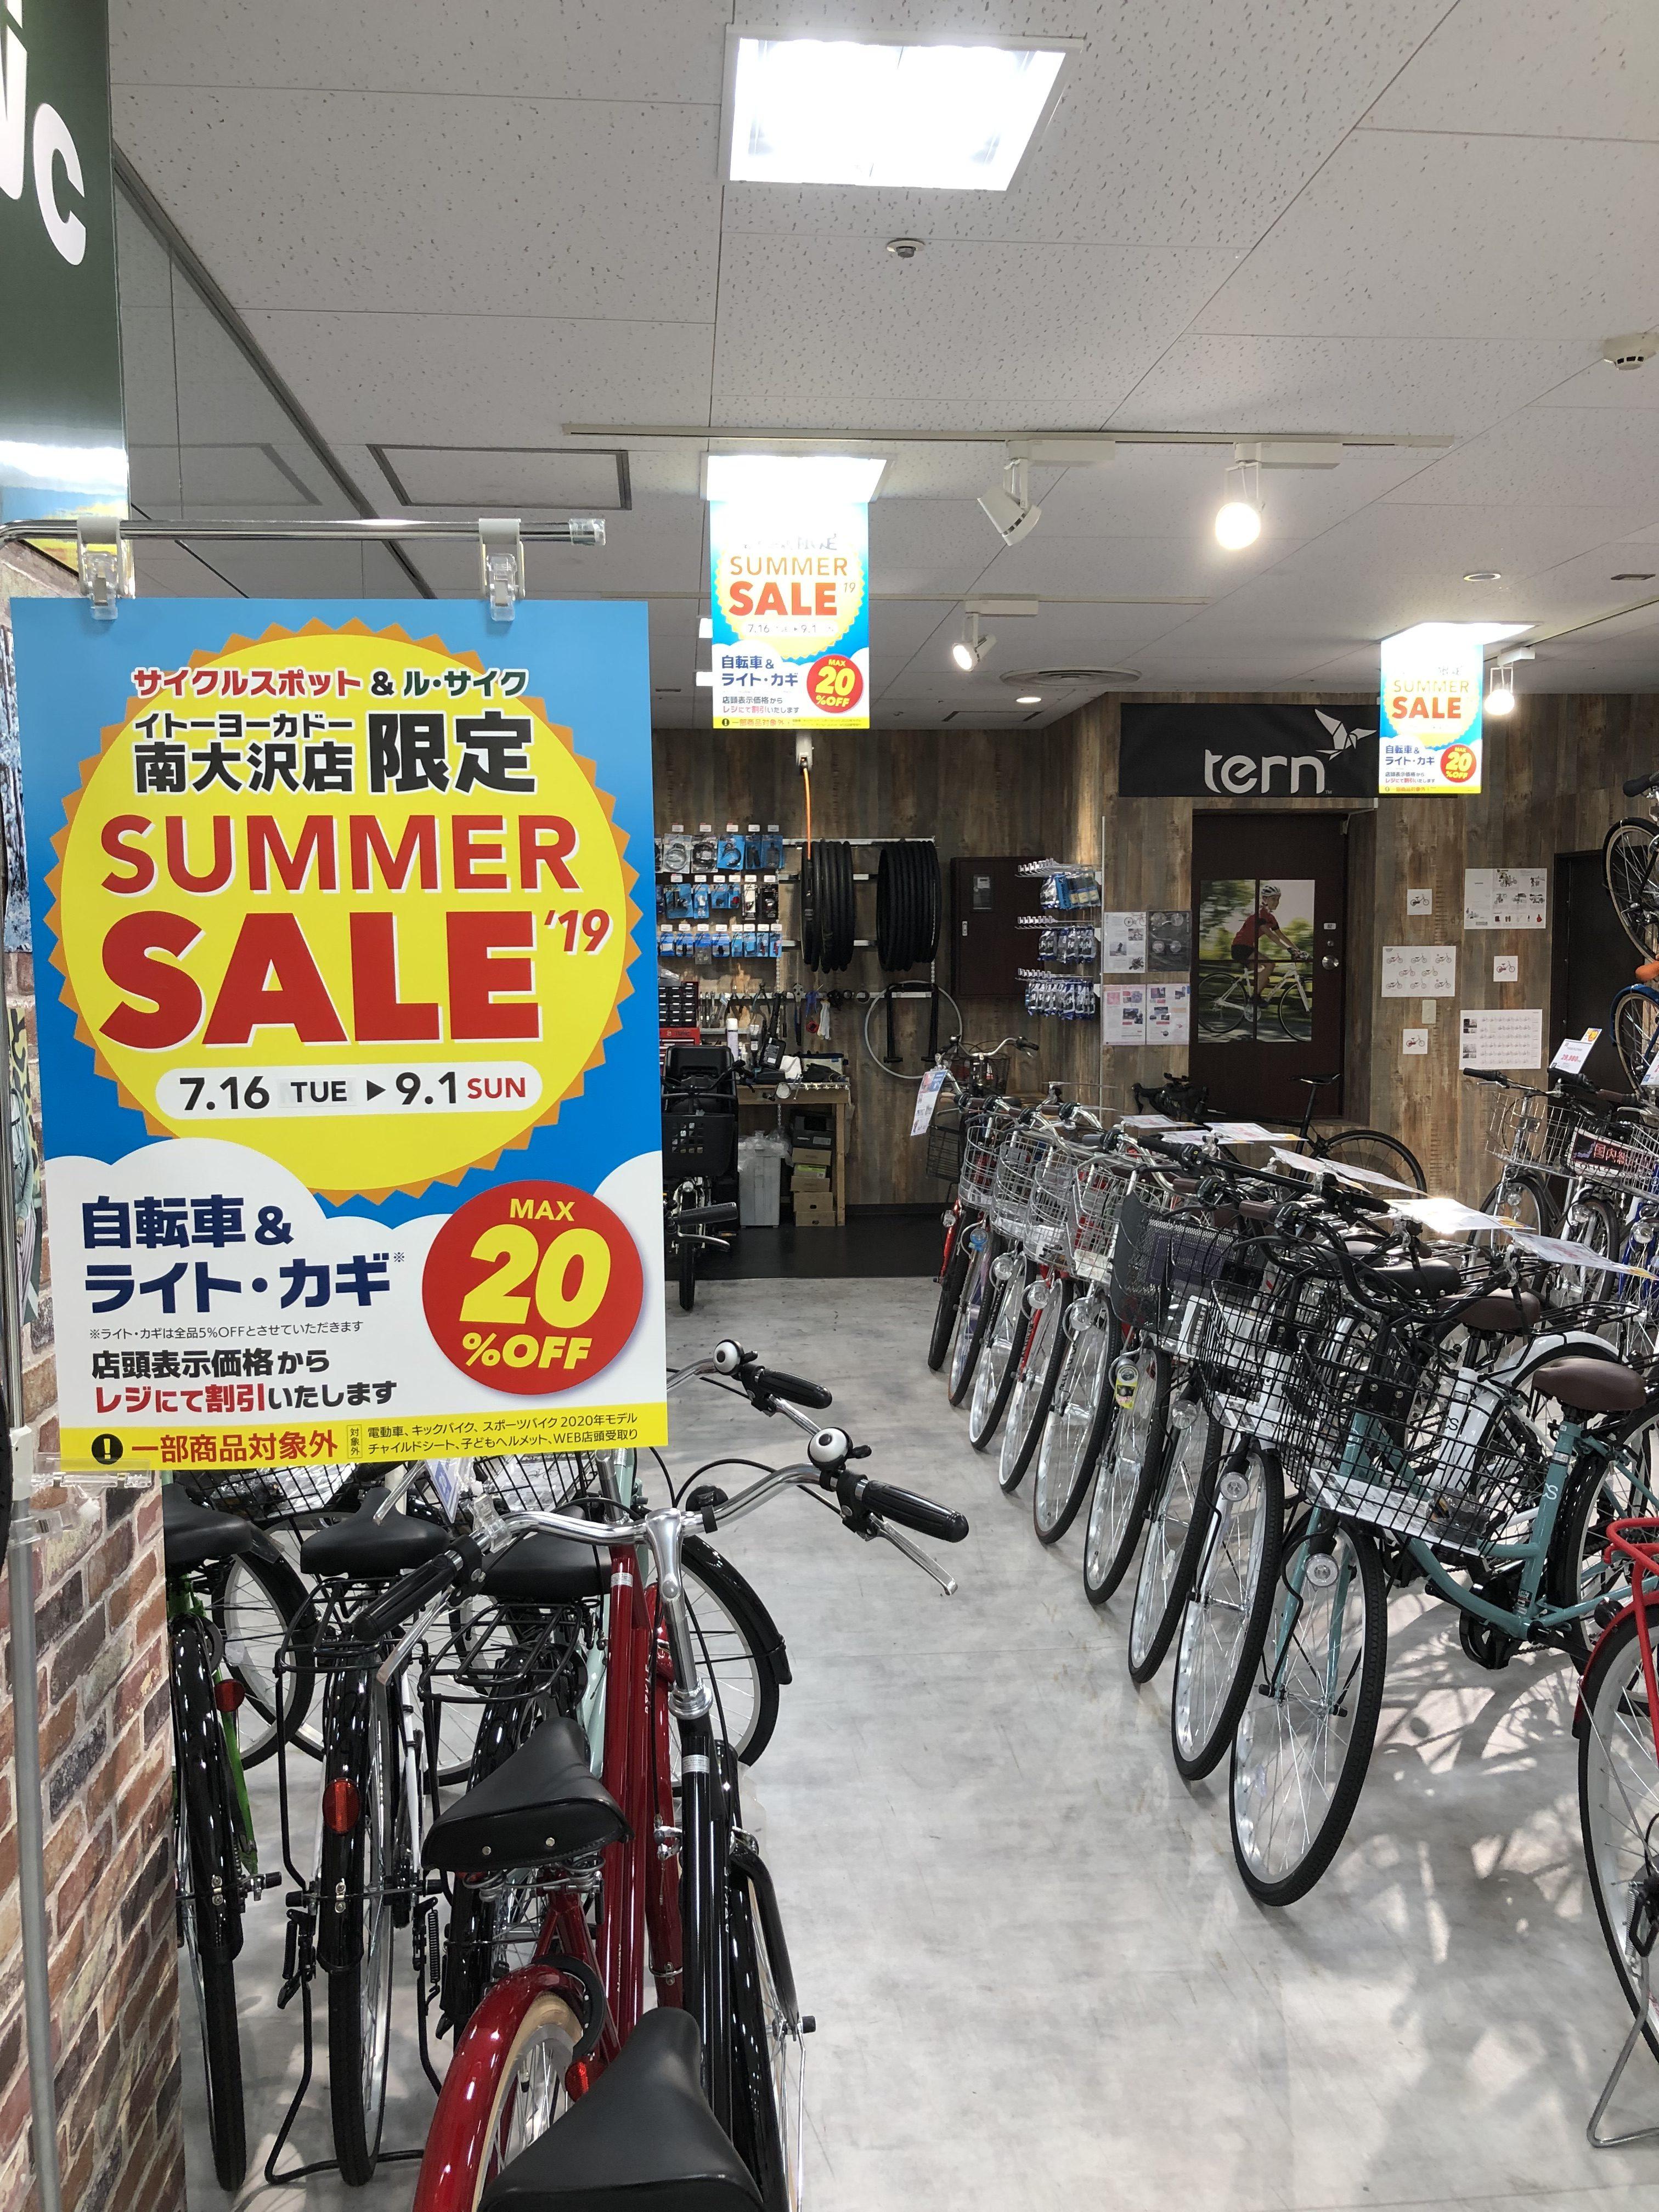 夏だ!自転車だ!サマーセールだ!!!!